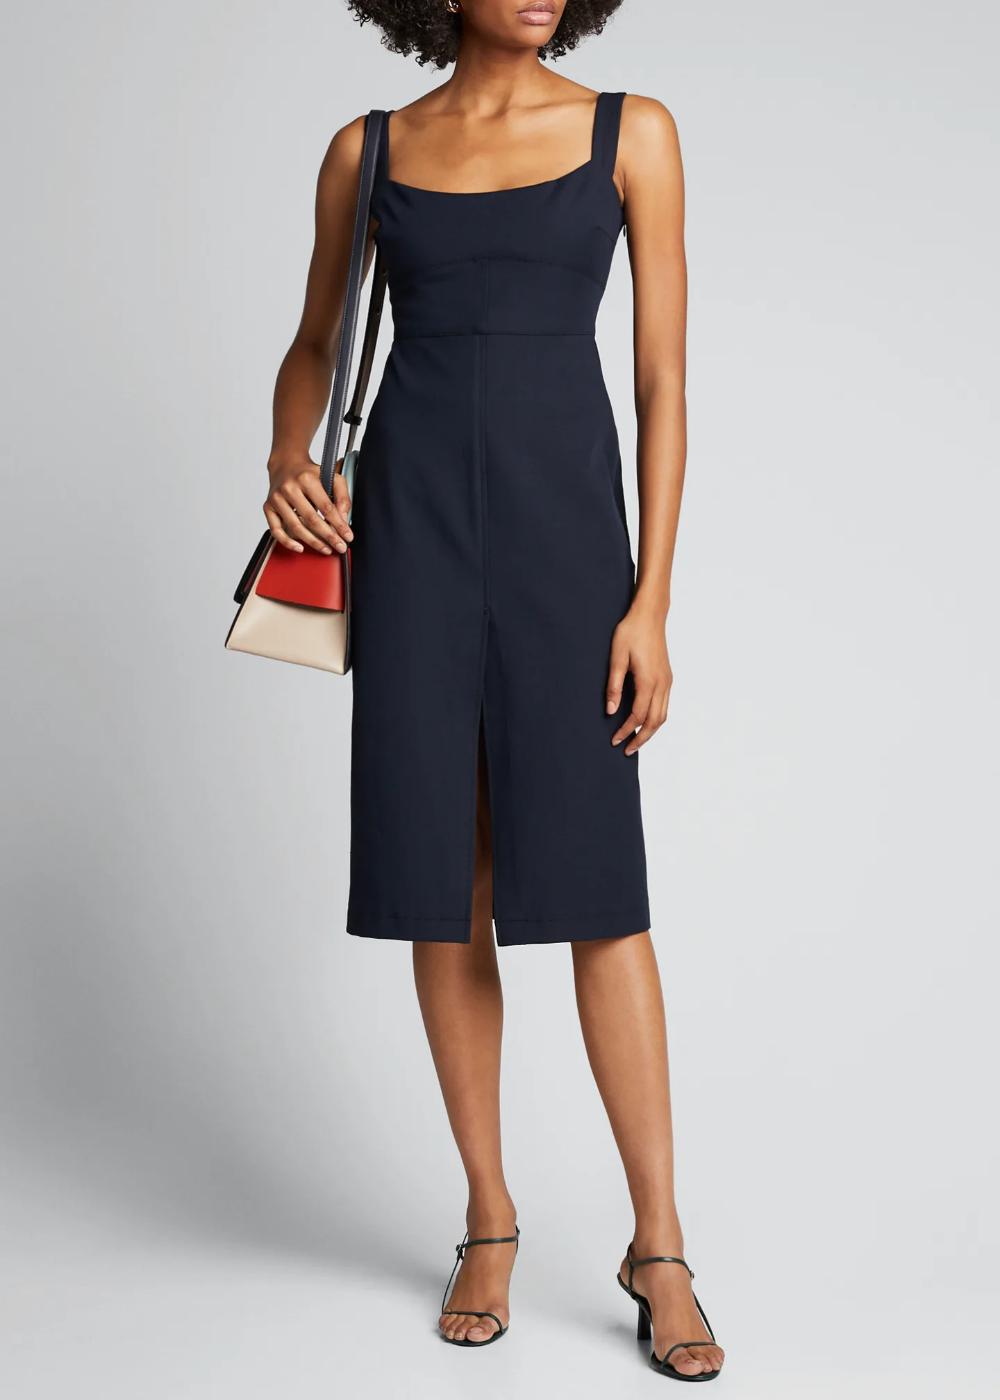 Rachel Comey Rankin Bi Stretch Midi Dress Stretch Midi Dress Midi Dress Dresses [ 1400 x 1000 Pixel ]